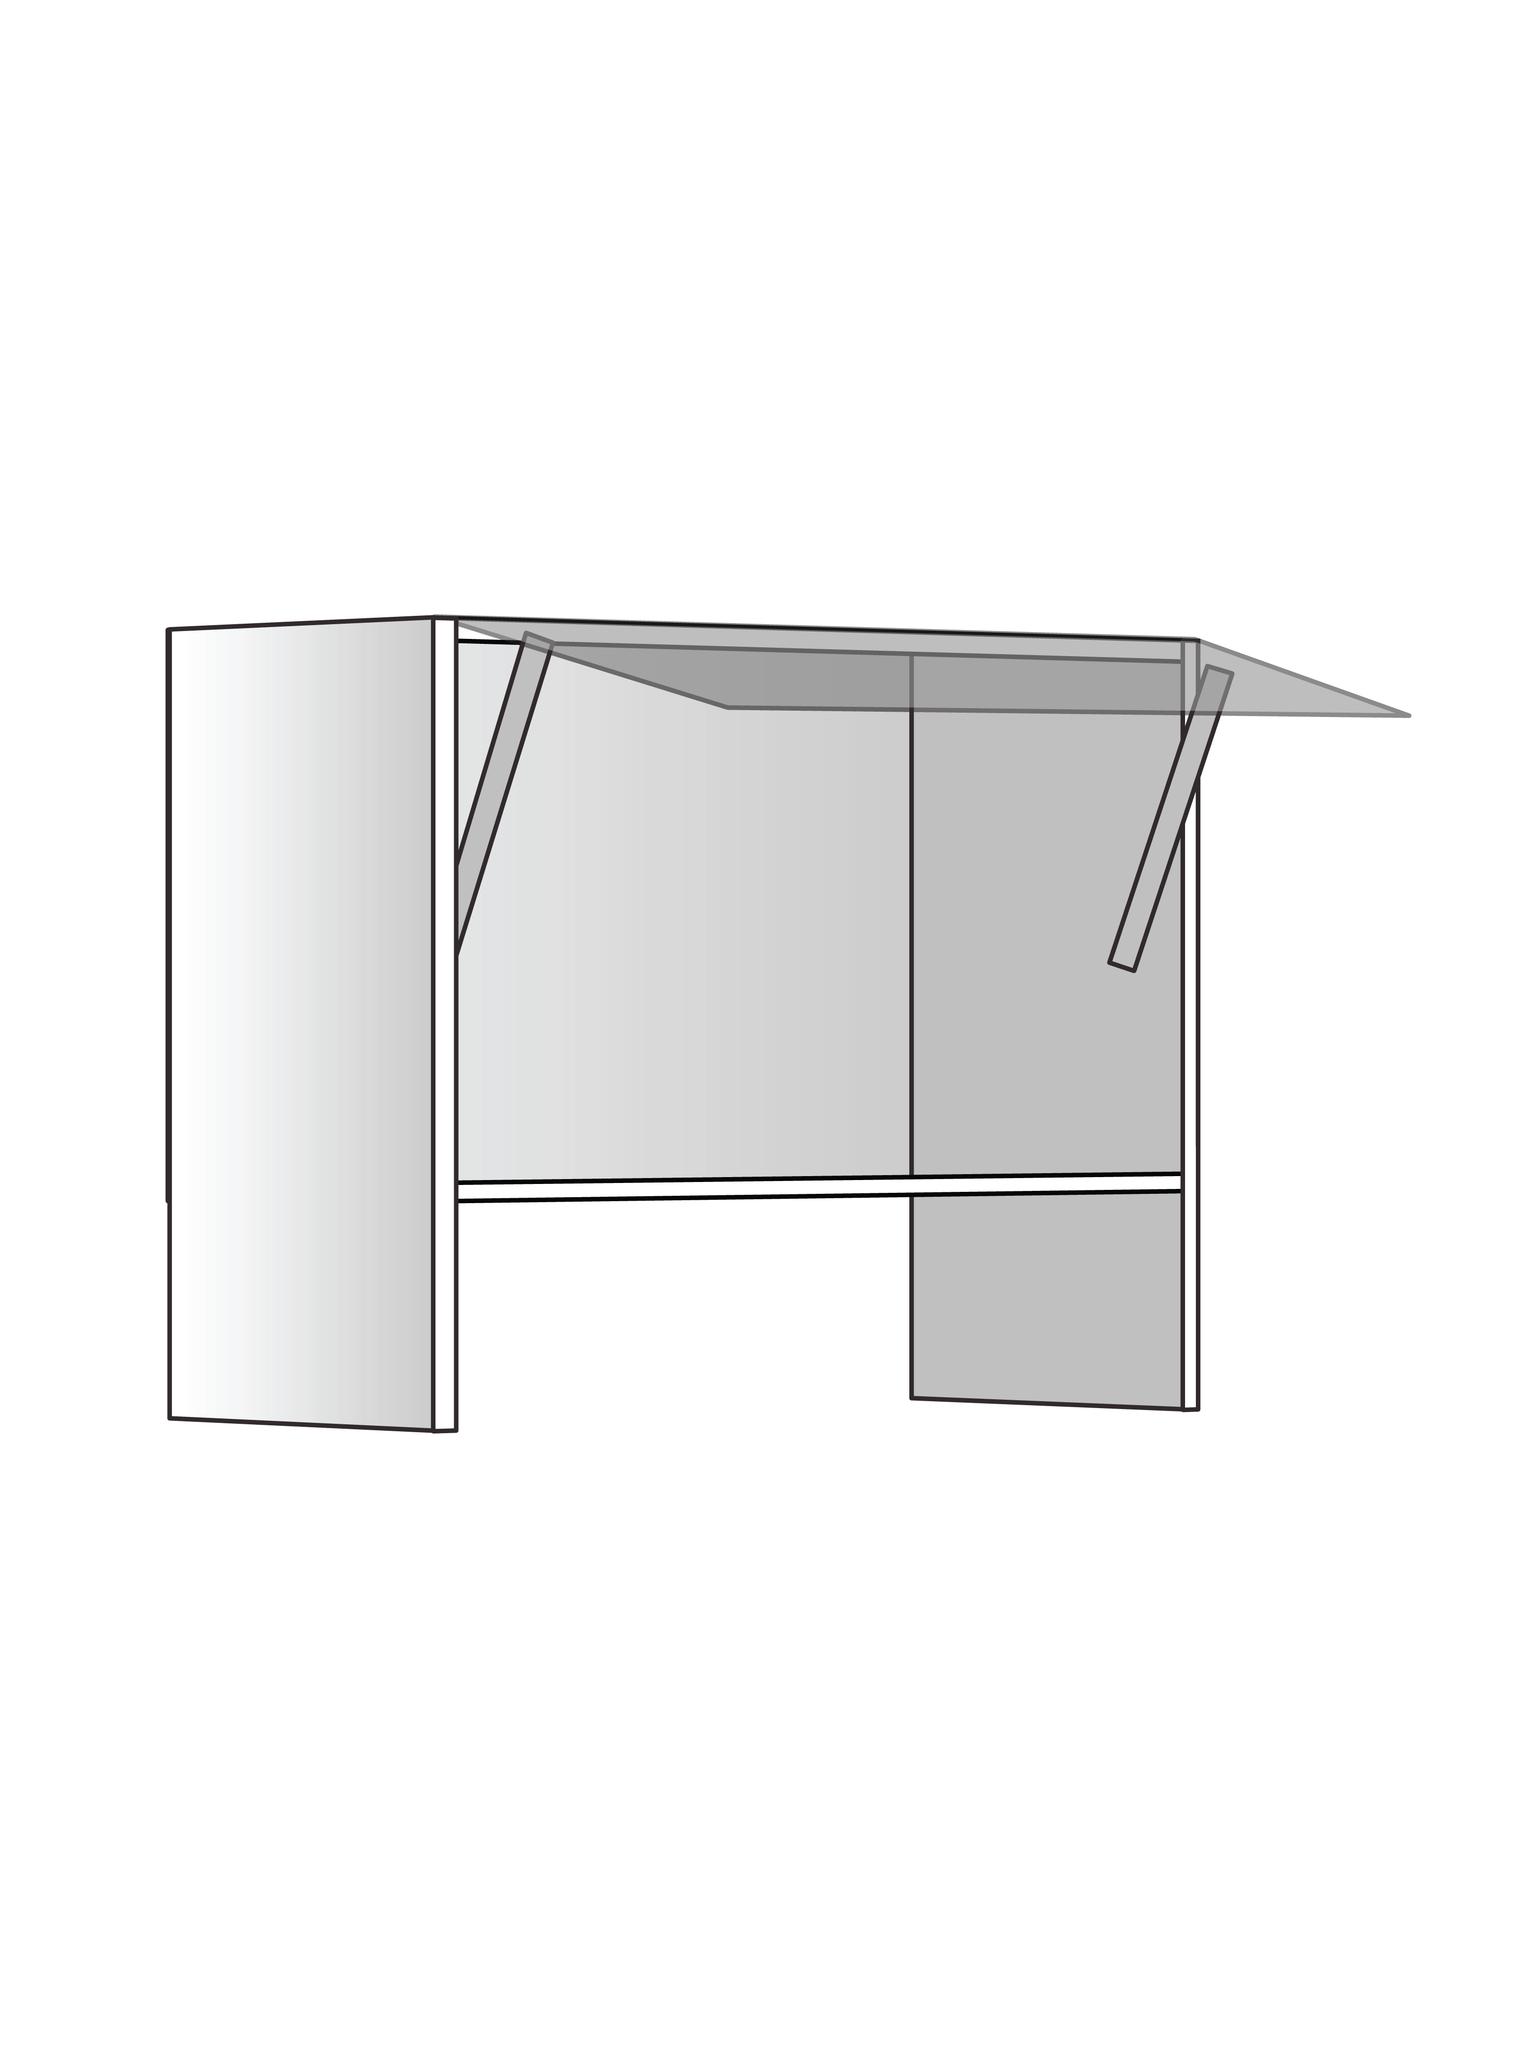 Верхний шкаф для вытяжки, 520Х600 мм